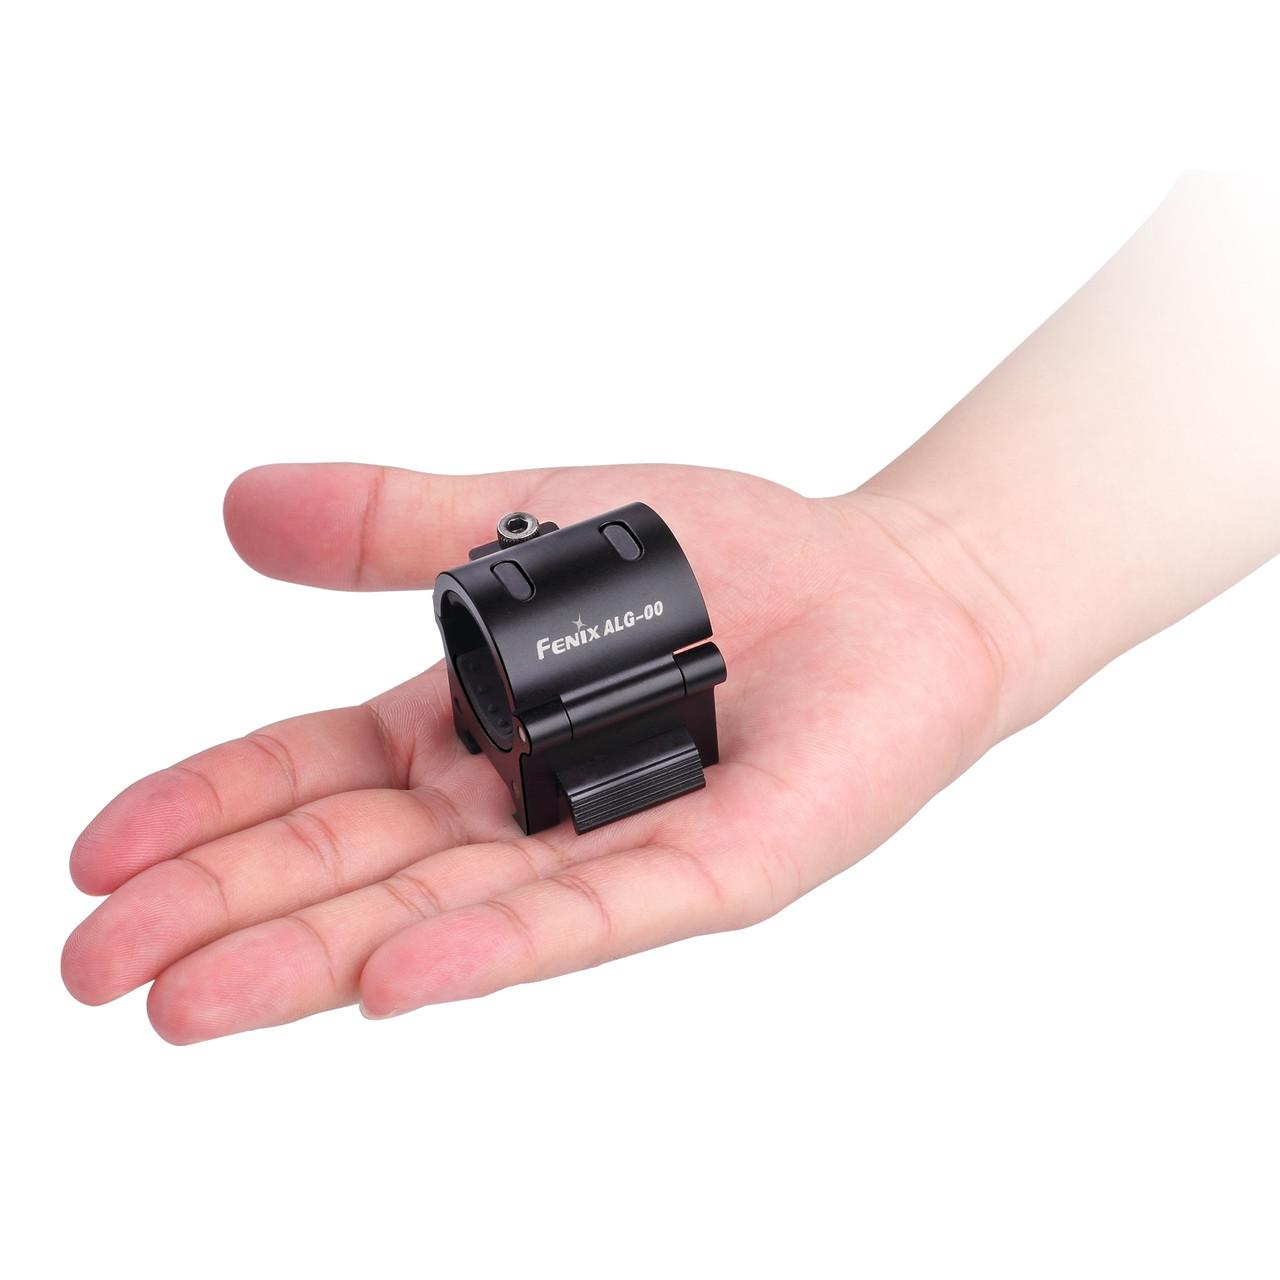 Кріплення на зброю для ліхтарів Fenix Пікатіні ALG-00